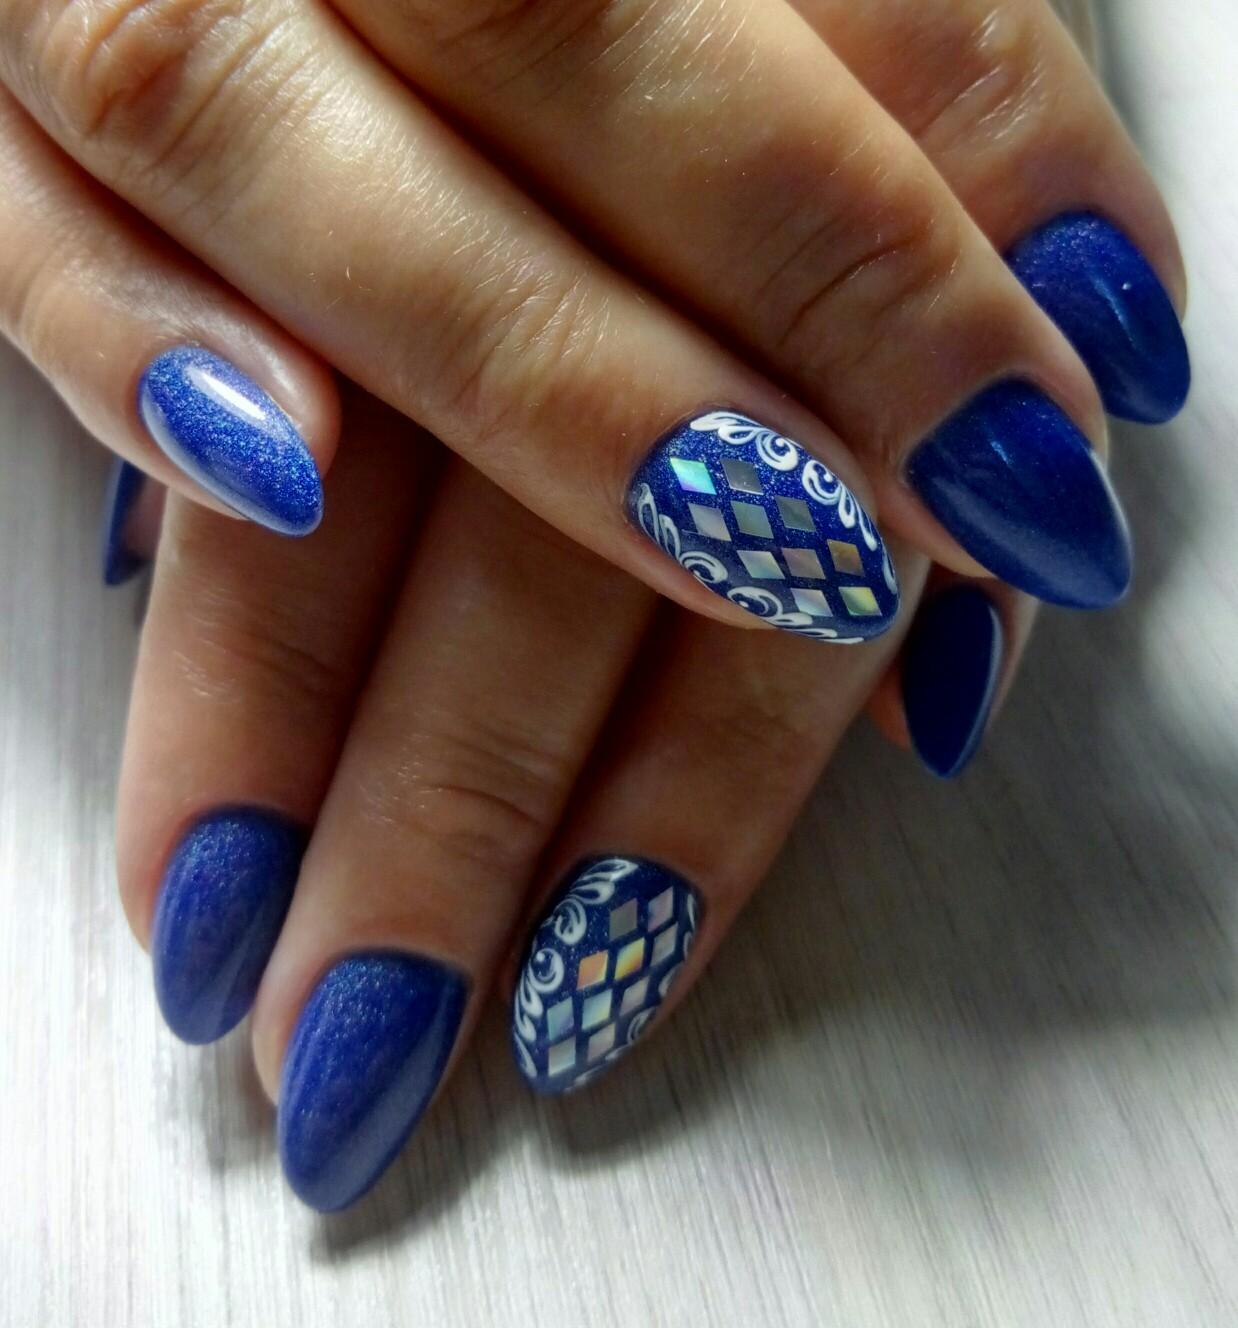 Маникюр с дизайном битое стекло в синем цвете на короткие ногти.